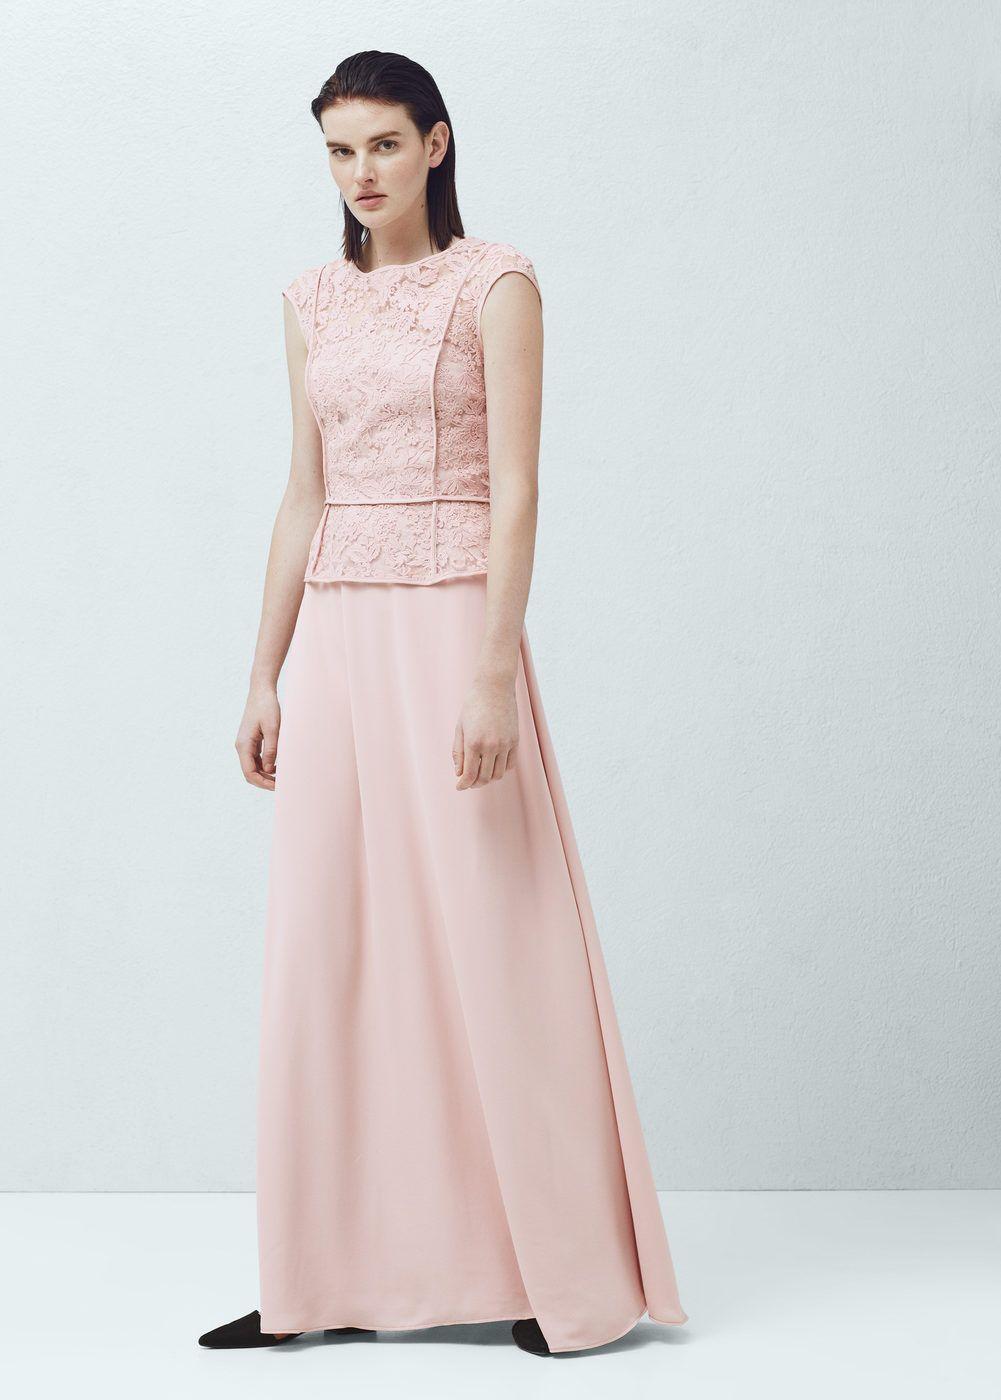 mango kleid lang rosa - stylische kleider für jeden tag